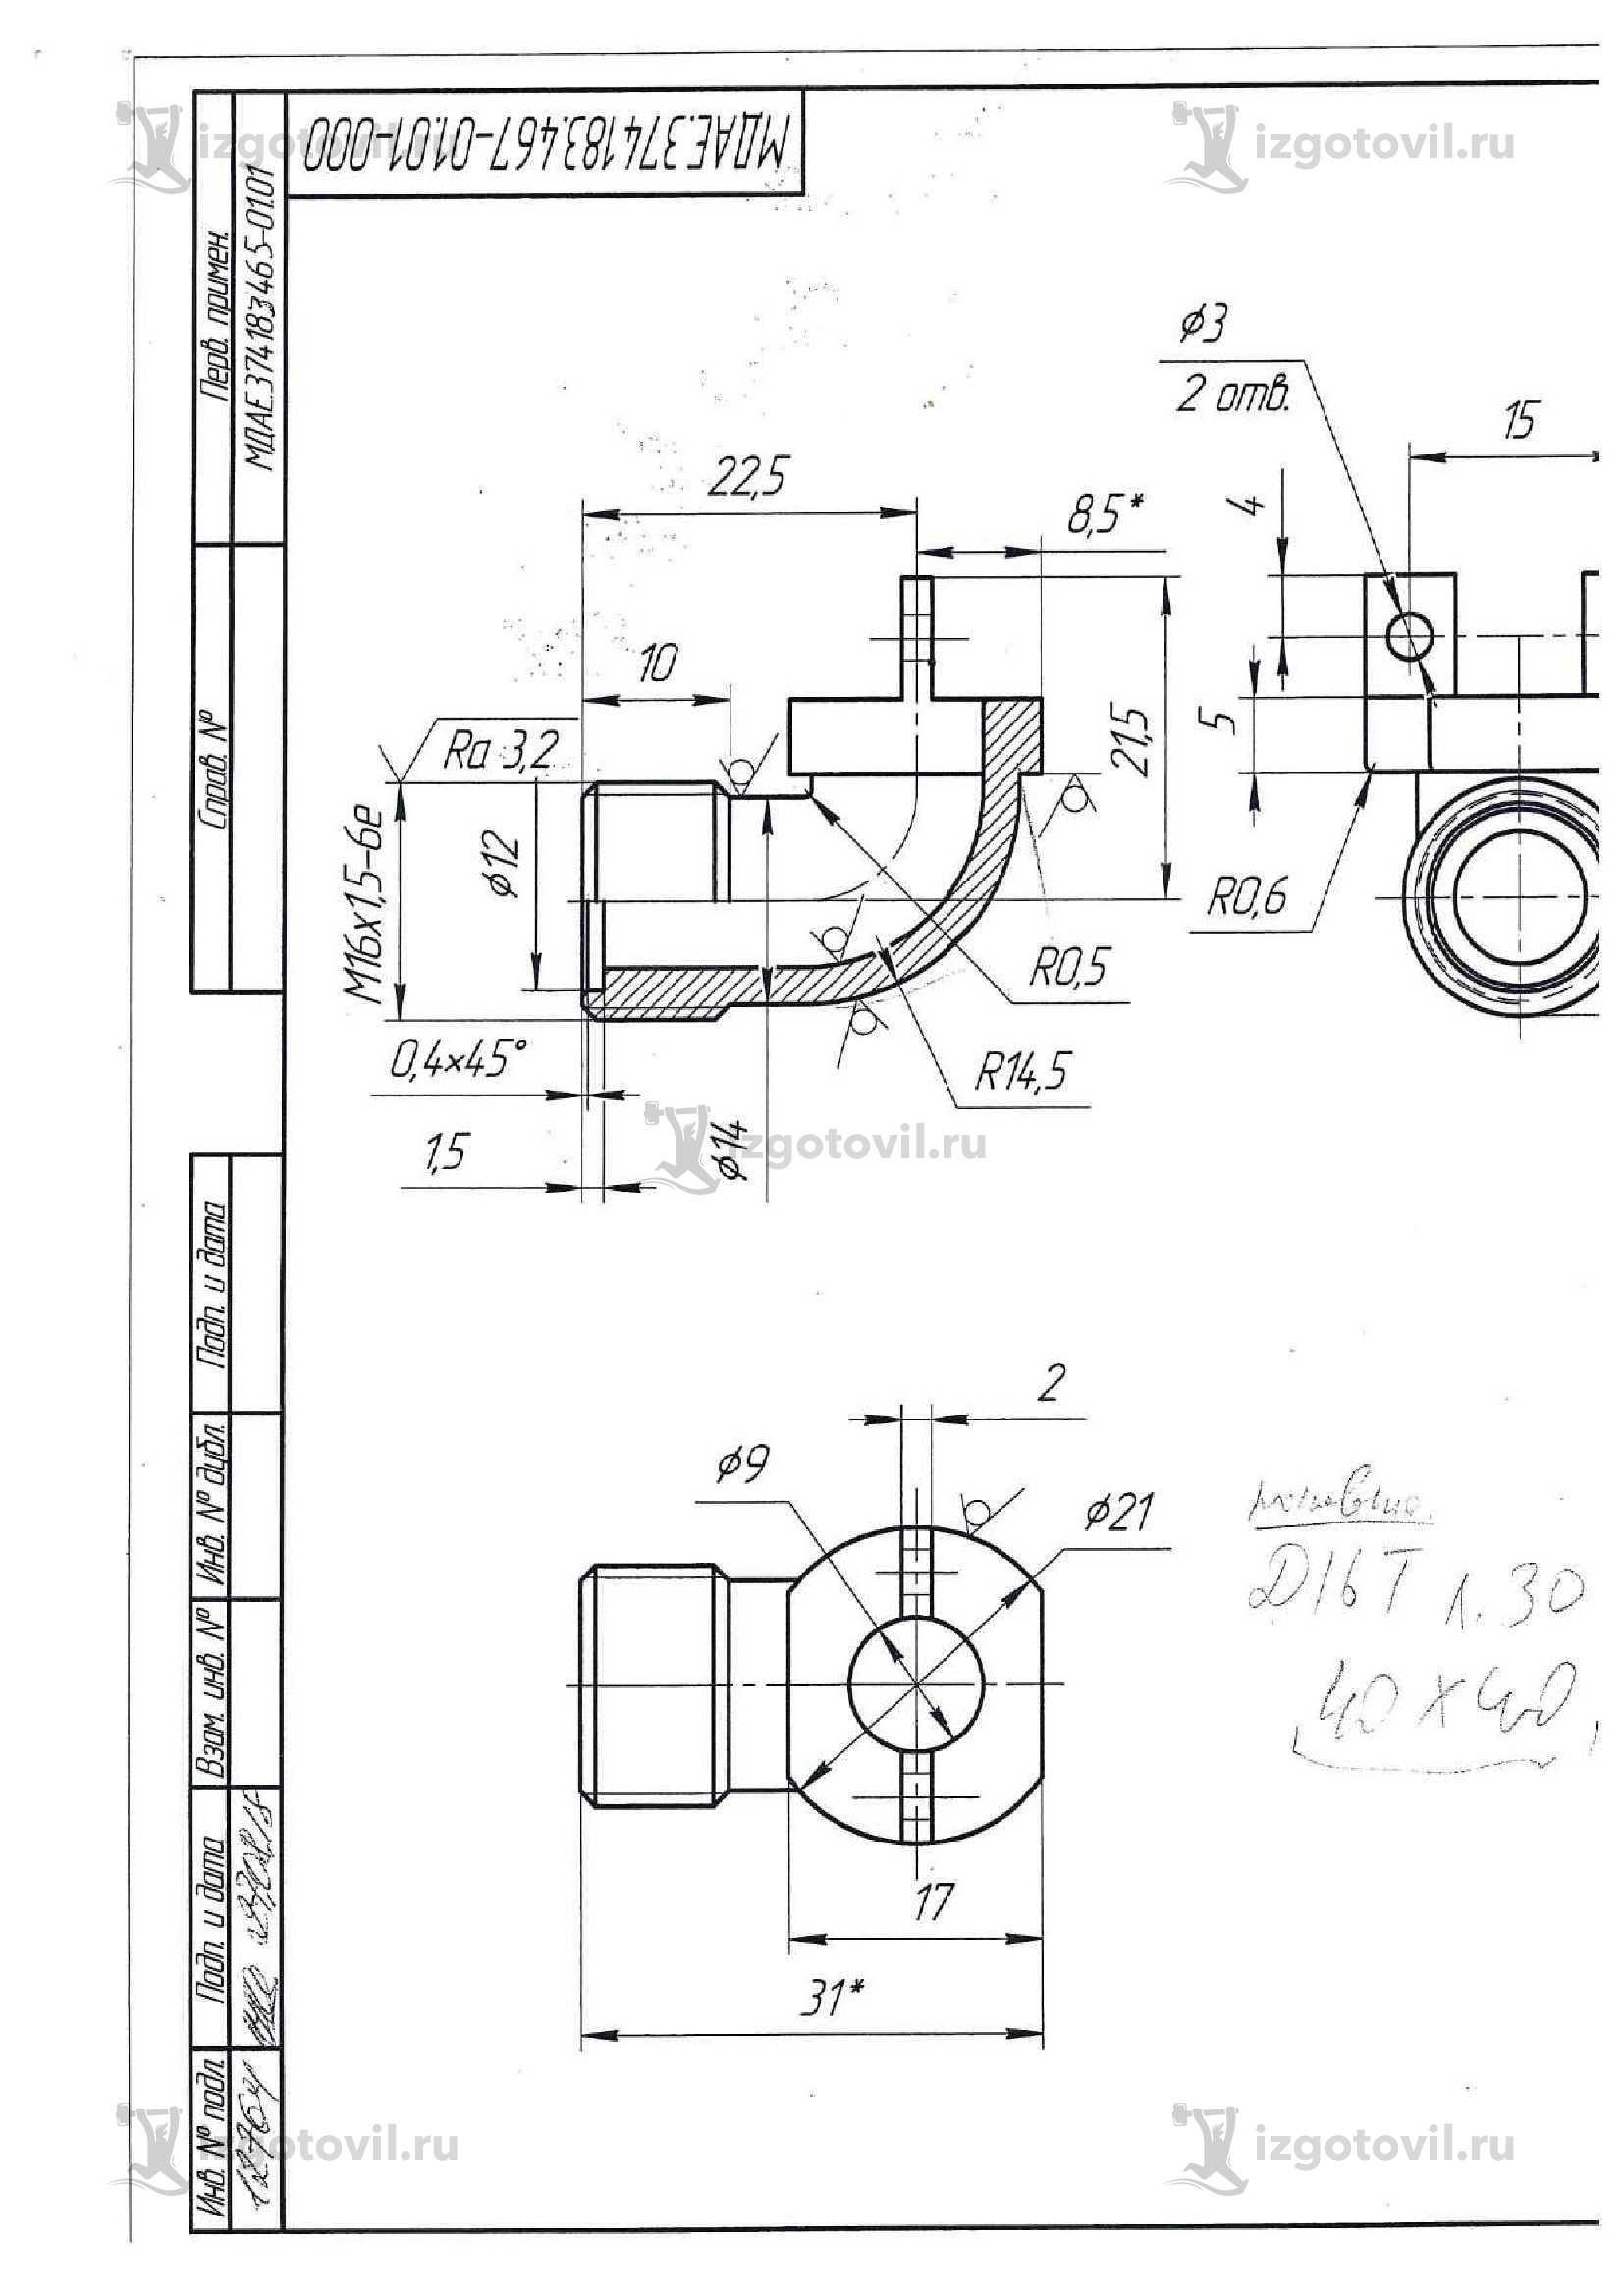 Изготовление цилиндрических деталей (гайка)